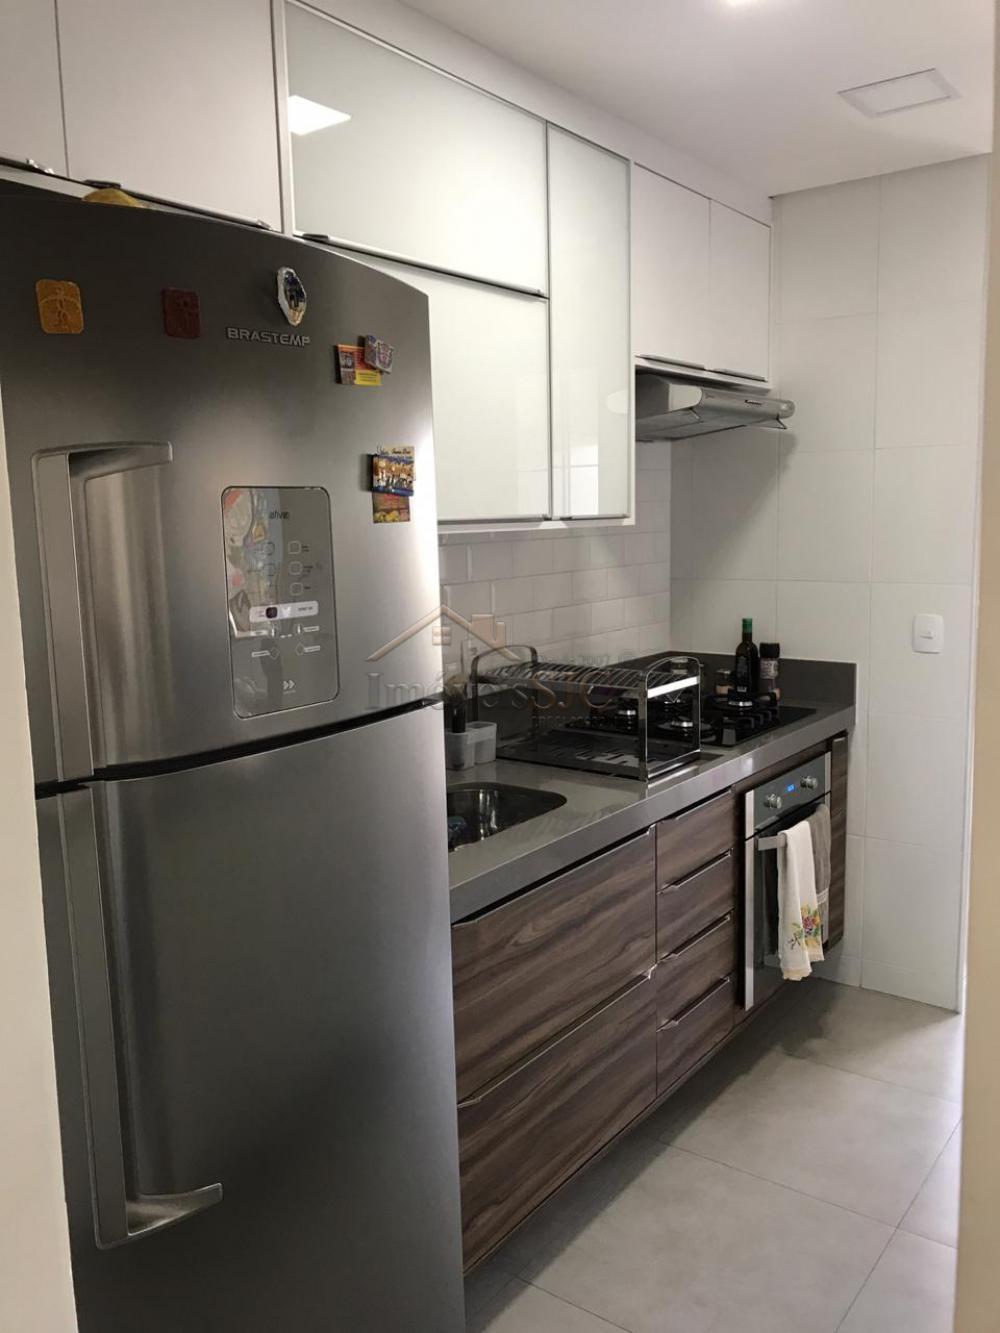 Comprar Apartamentos / Padrão em São José dos Campos apenas R$ 470.000,00 - Foto 9